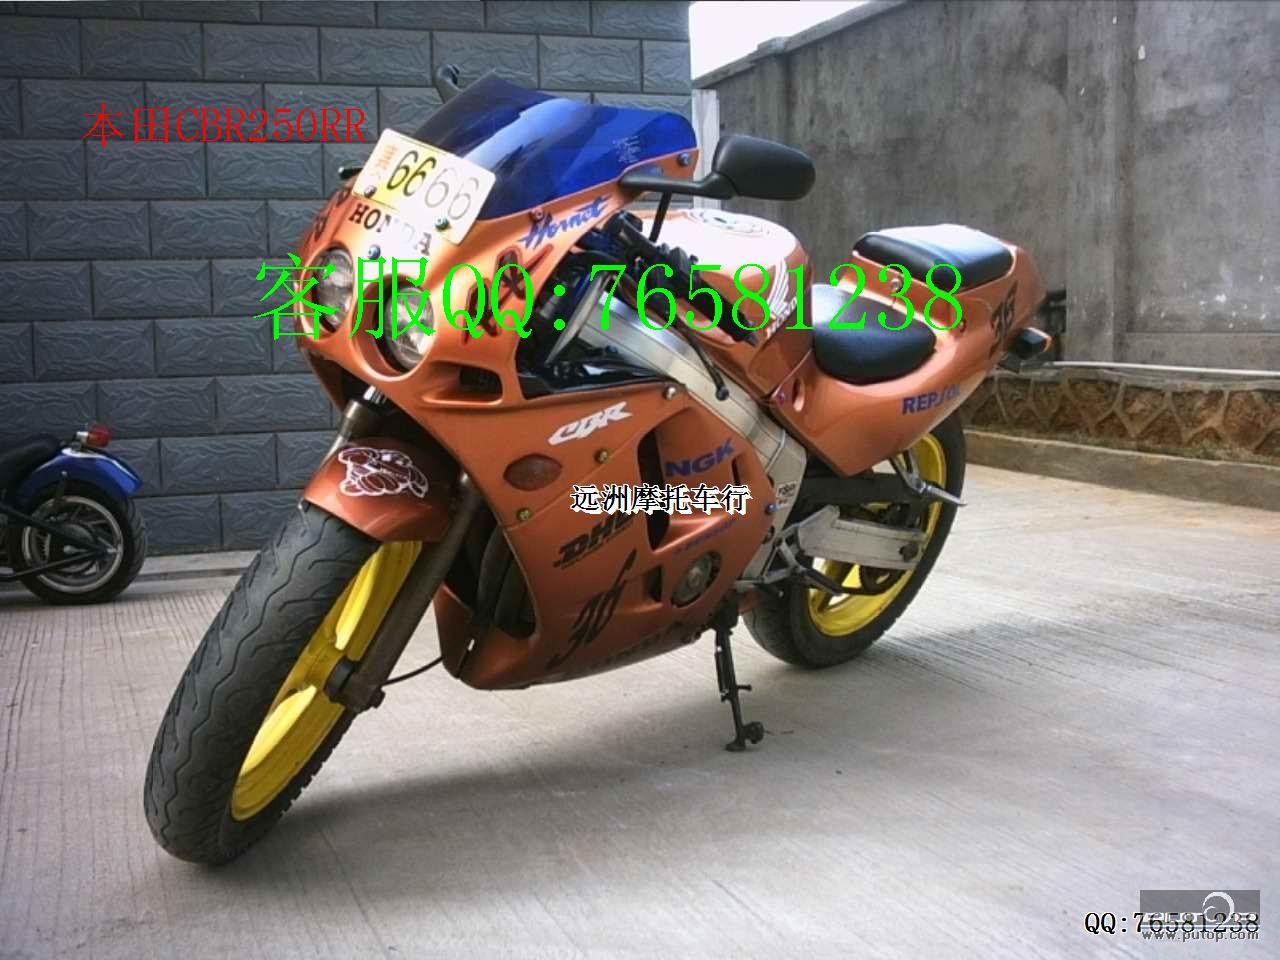 车报价2014年 供应本田cbr150r摩托车 供应出售本田蓝宝石250摩托车